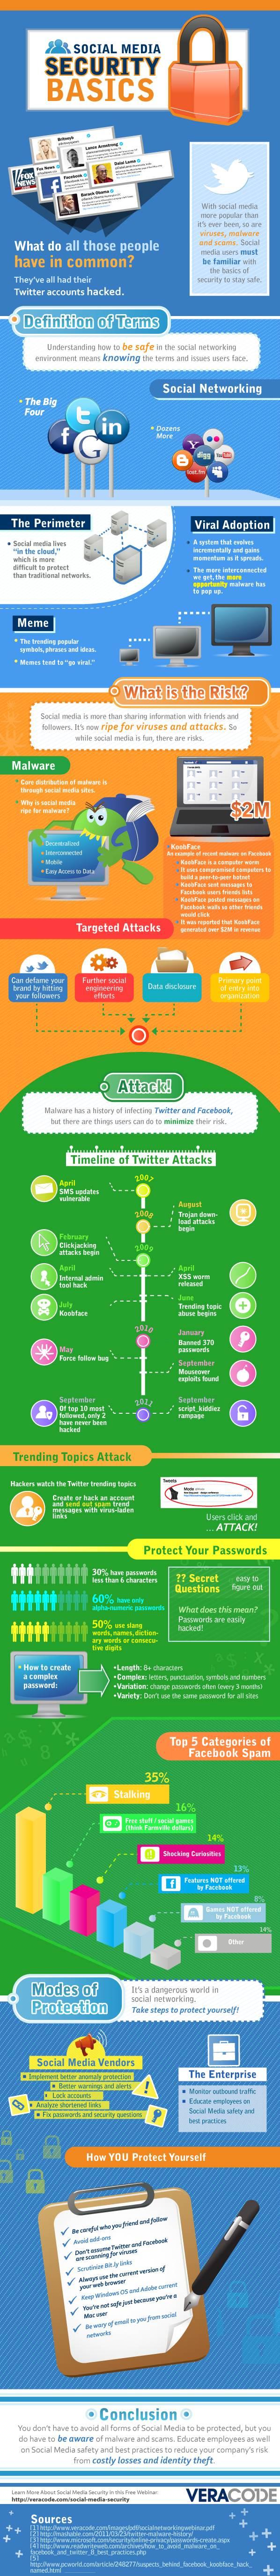 Seguridad básica en Social Media